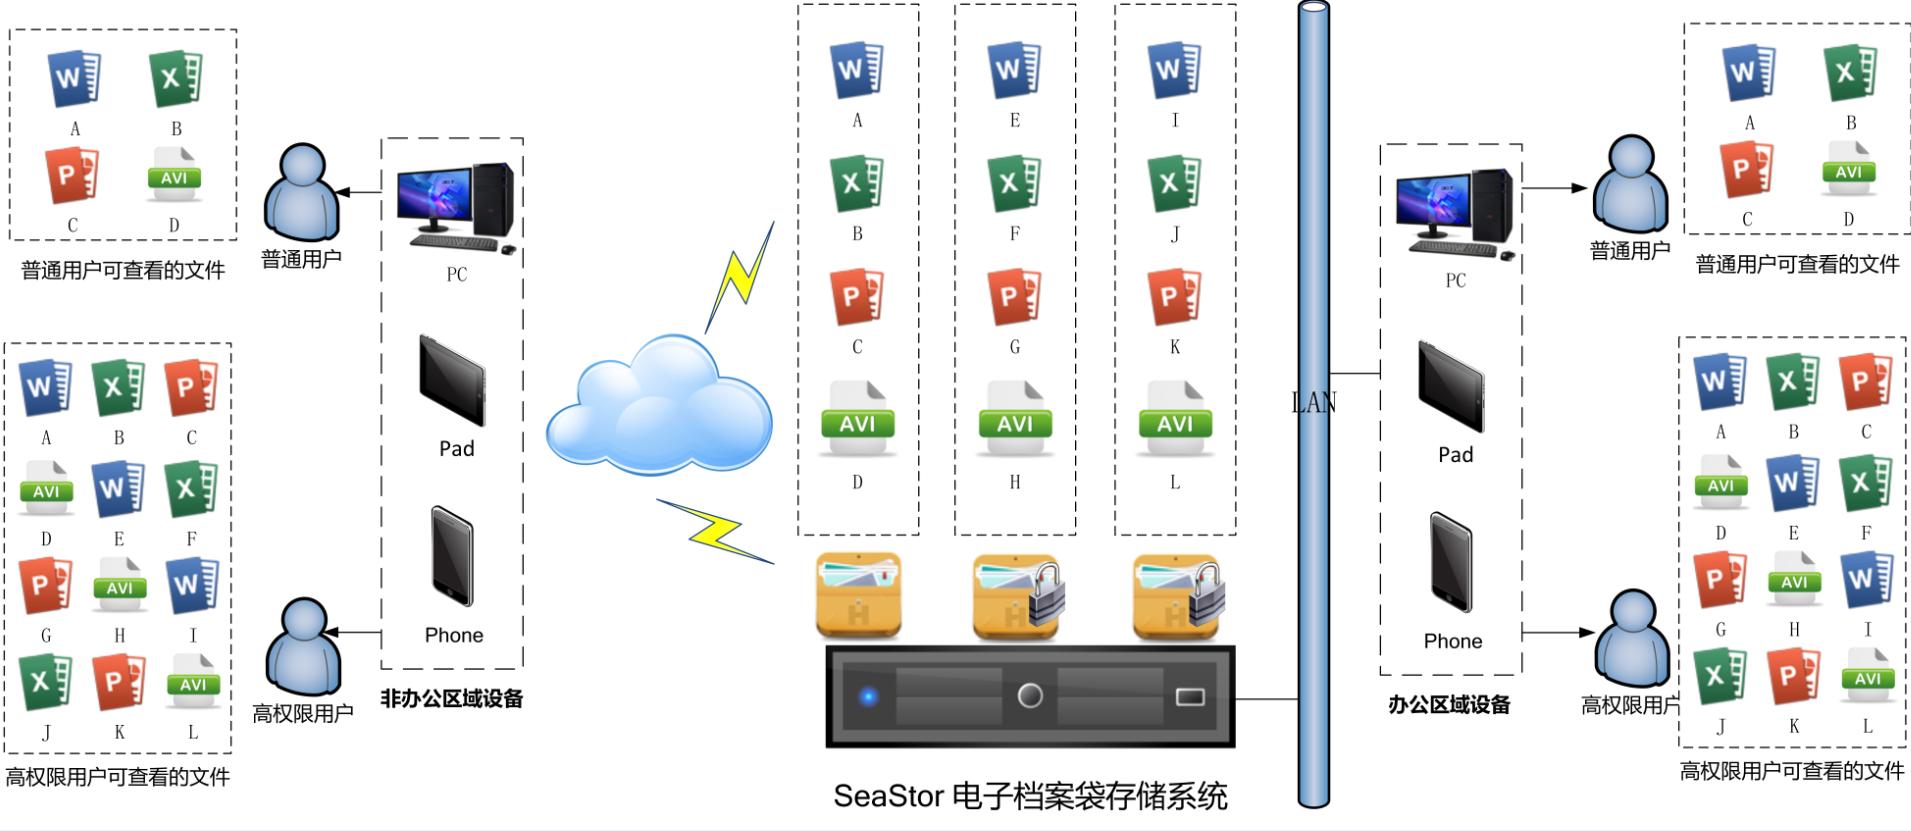 SeaStor 电子档案袋存储系统